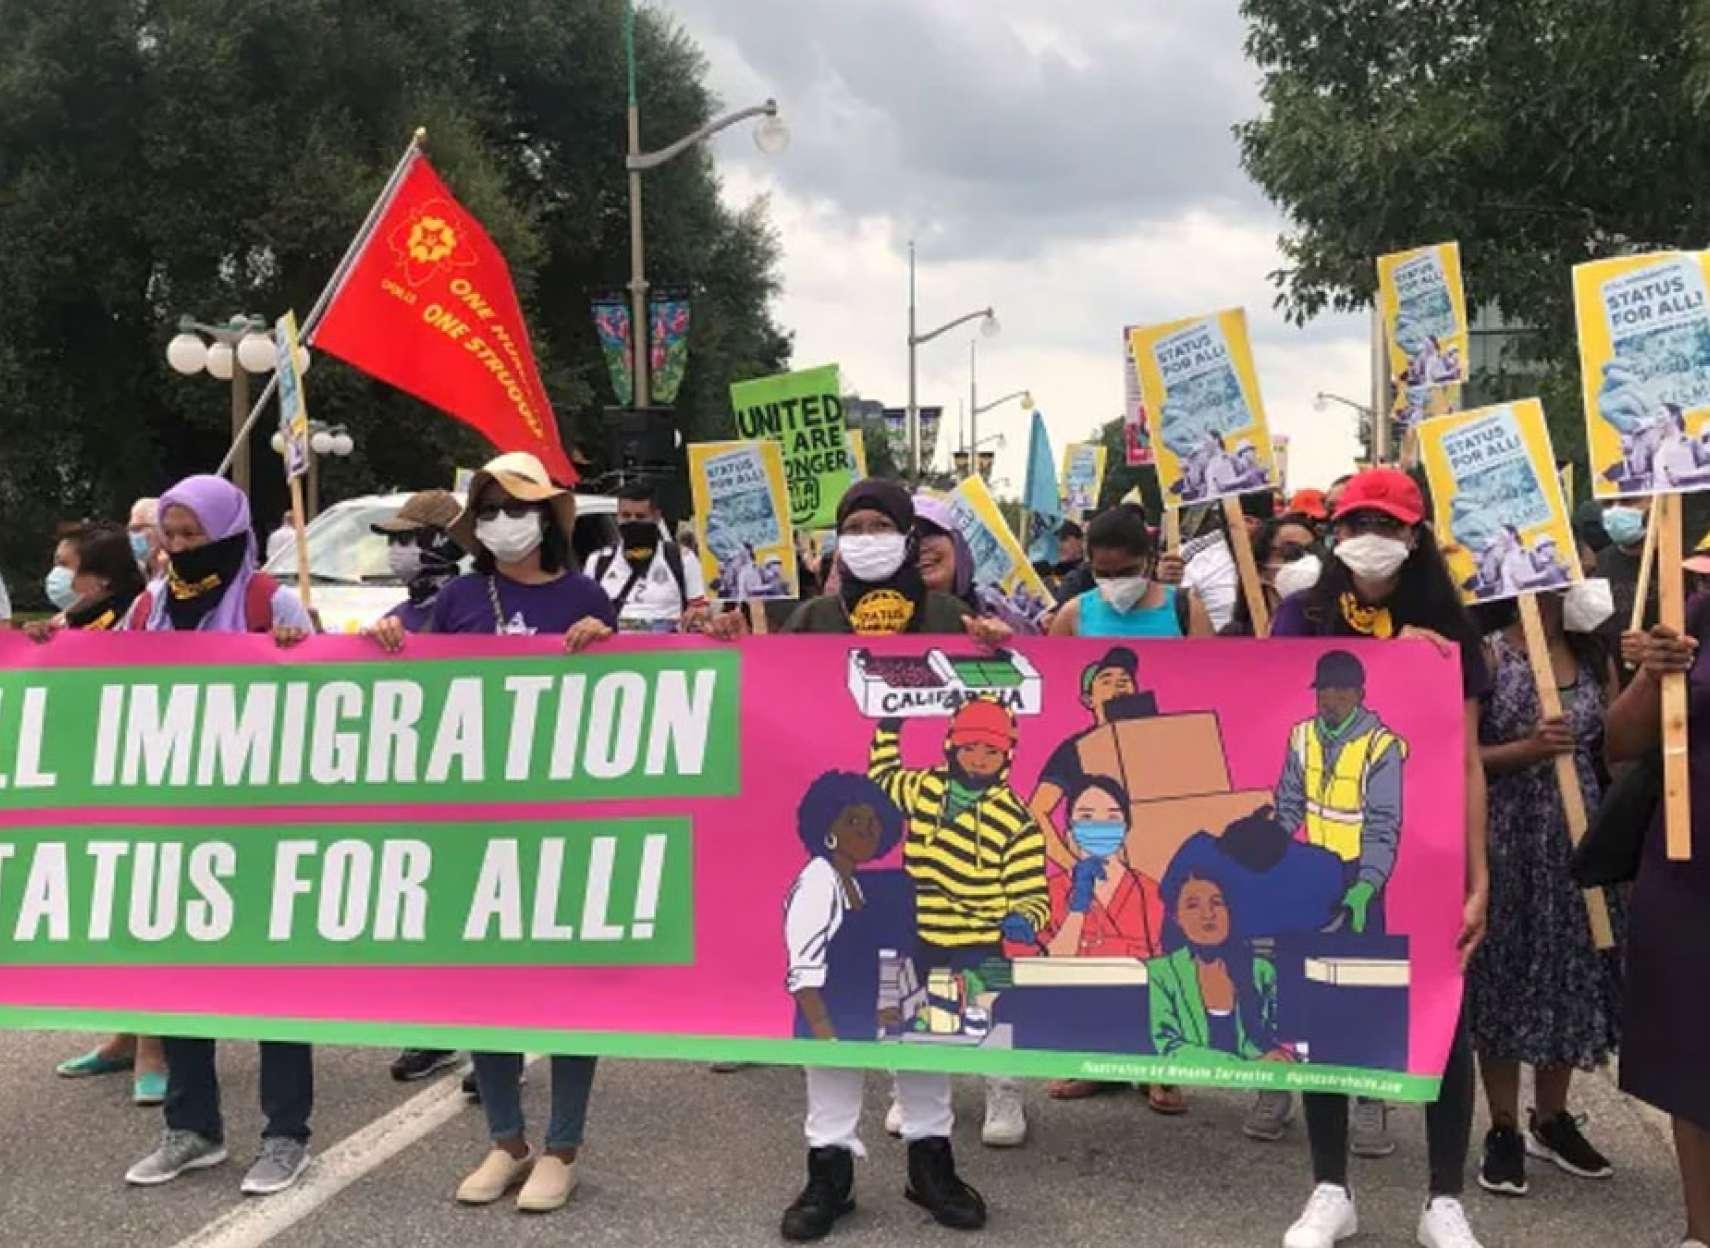 خبر-کانادا-تظاهرات-بزرگ-پناهندگان-و-کارگران-فصلی-در-کانادا